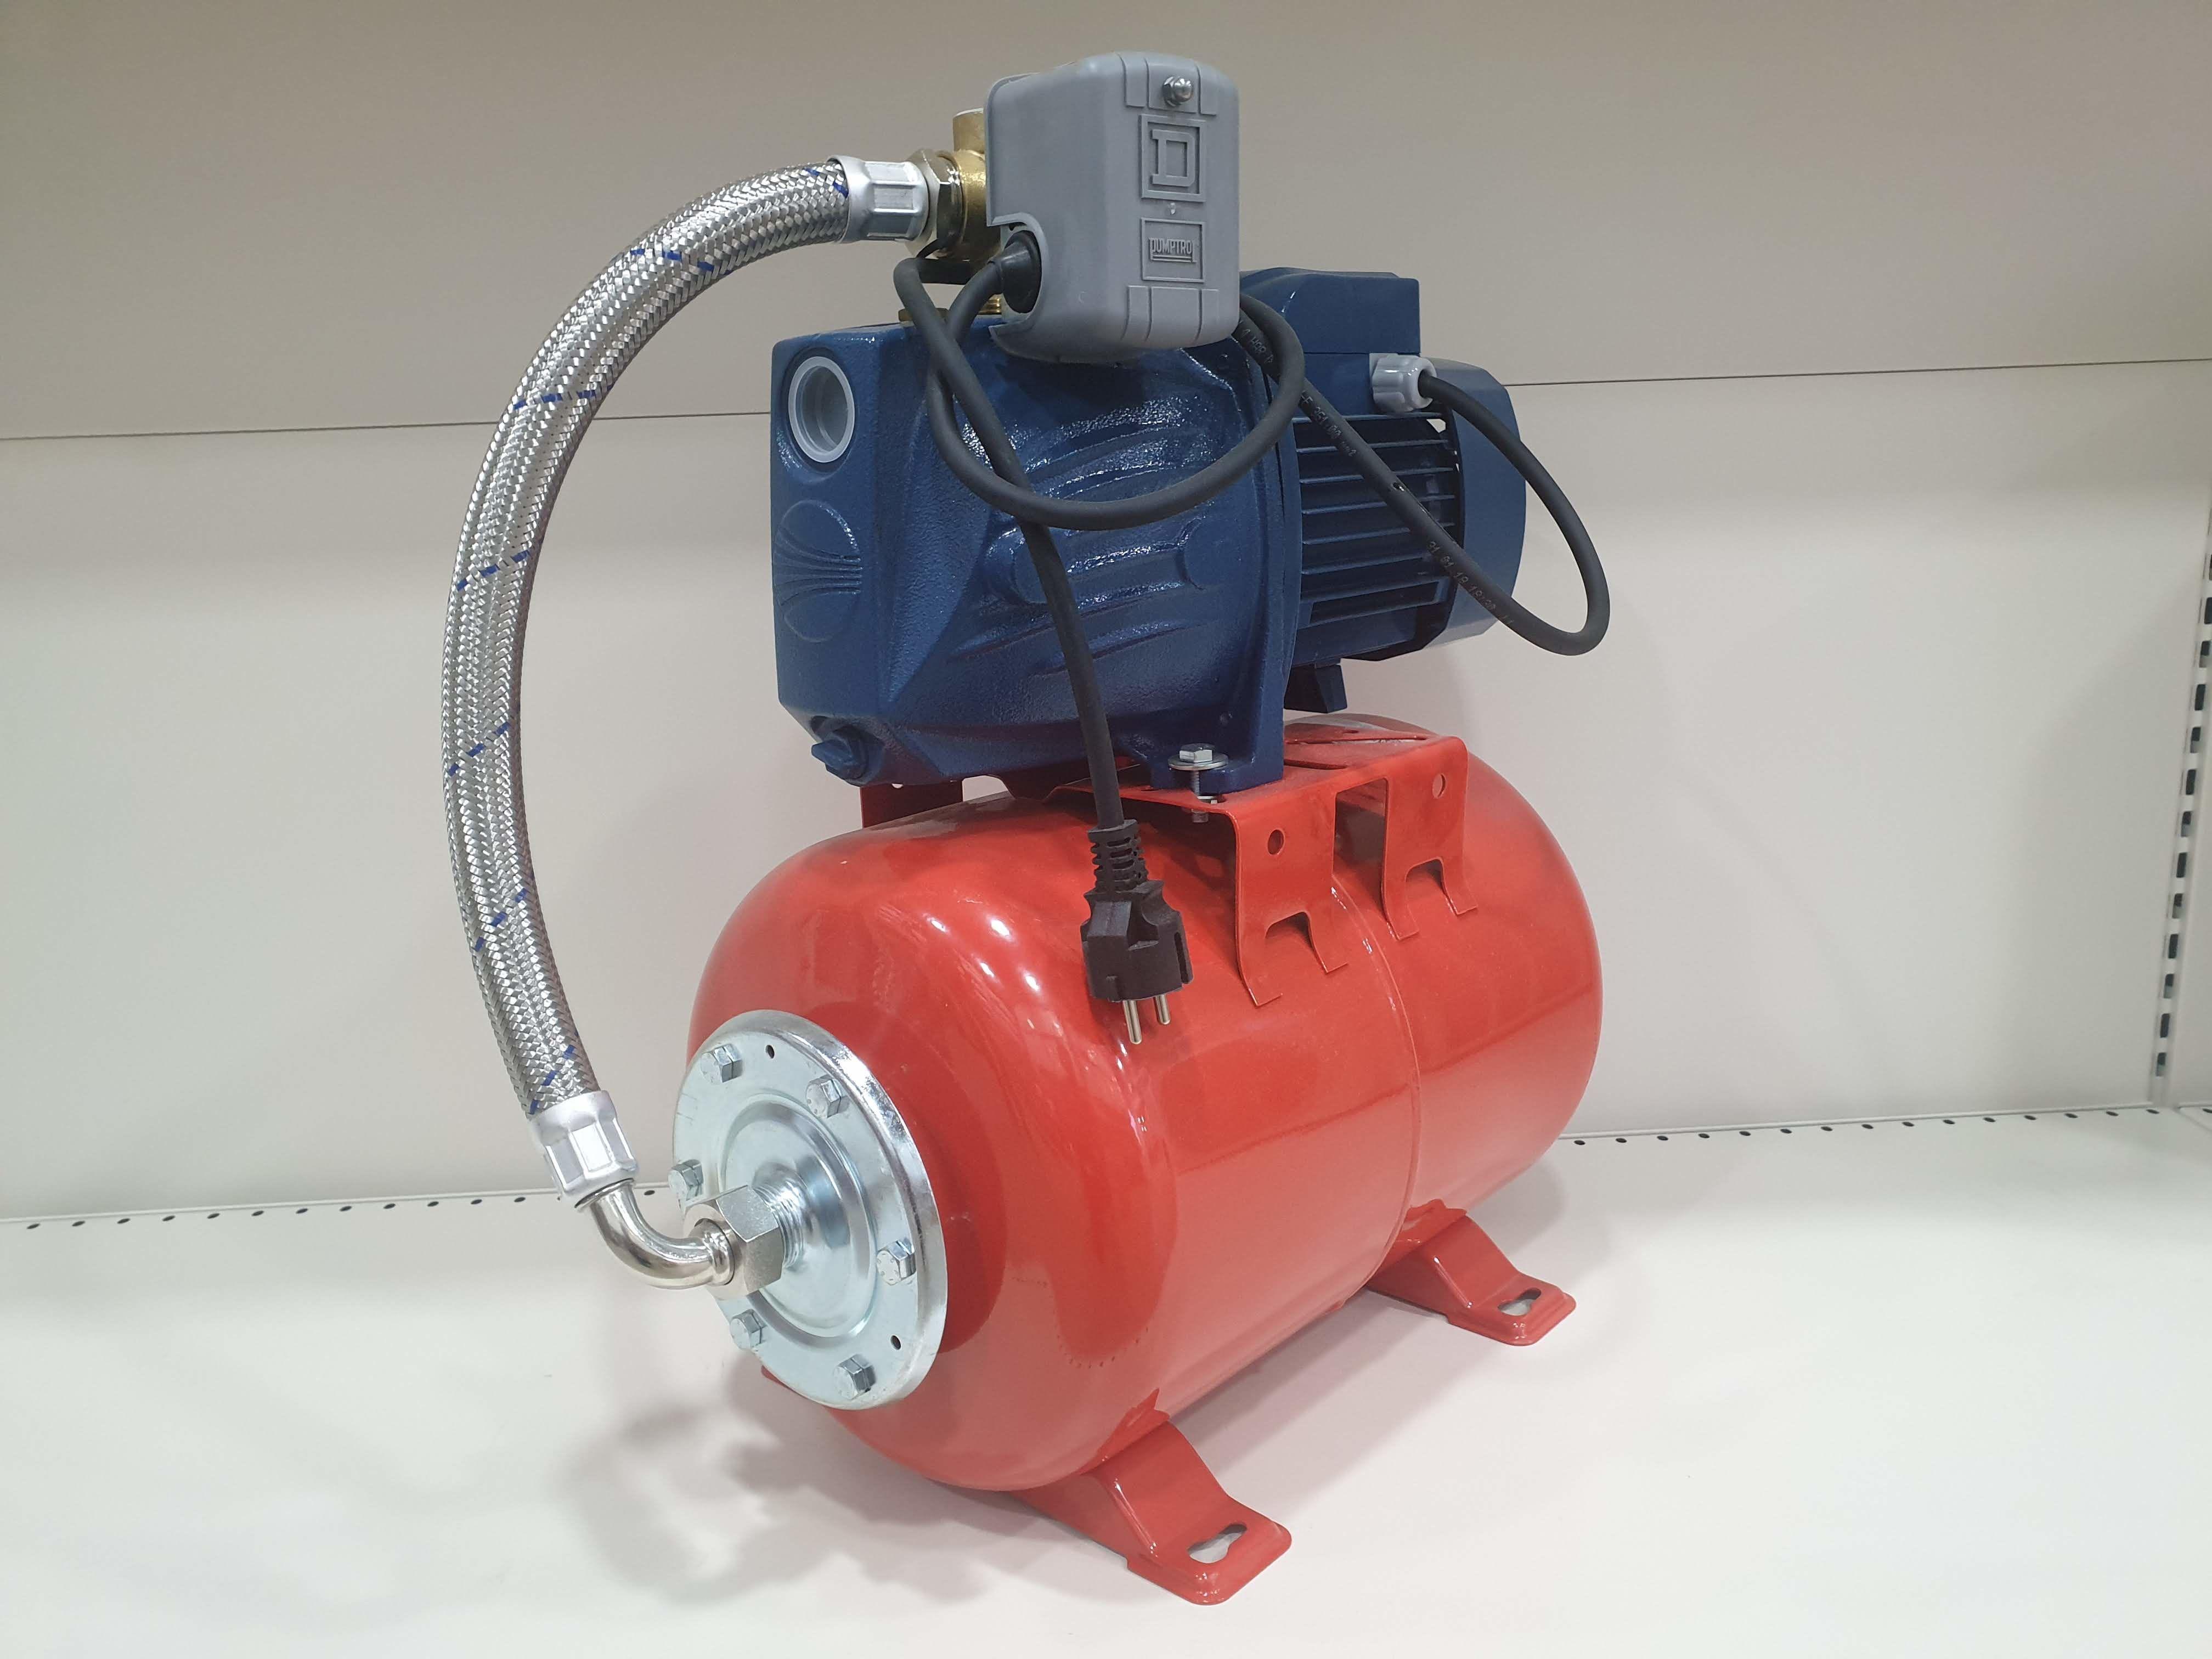 Гидрофор PEDROLLO JSWm2 AX-24CL 1.1кВт 9м (Защита)